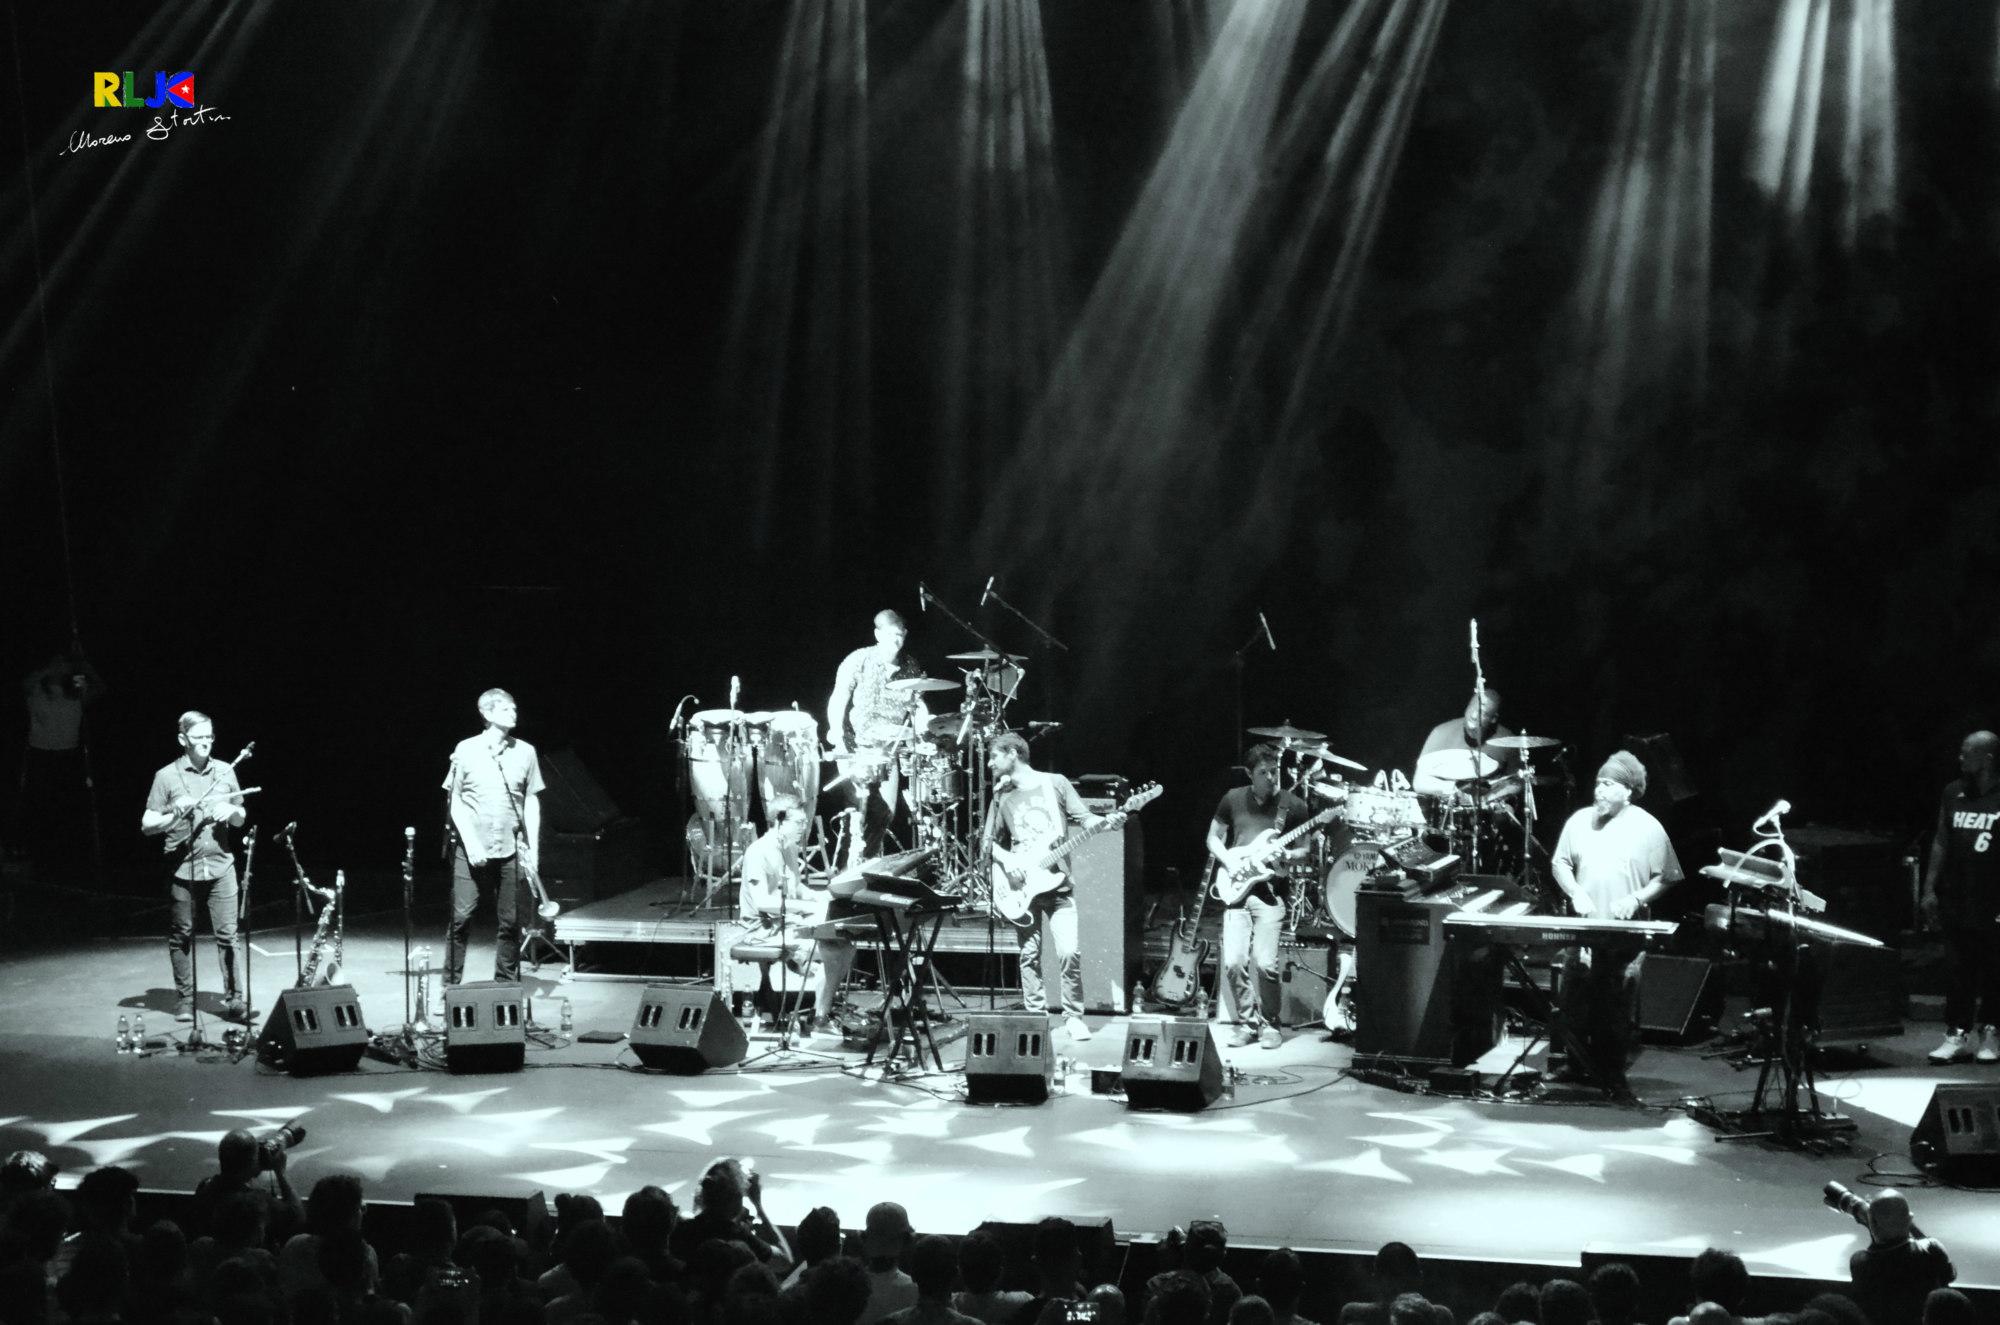 Snarky Puppy - 07.07.2018 Roma - Auditorium Parco della Musica